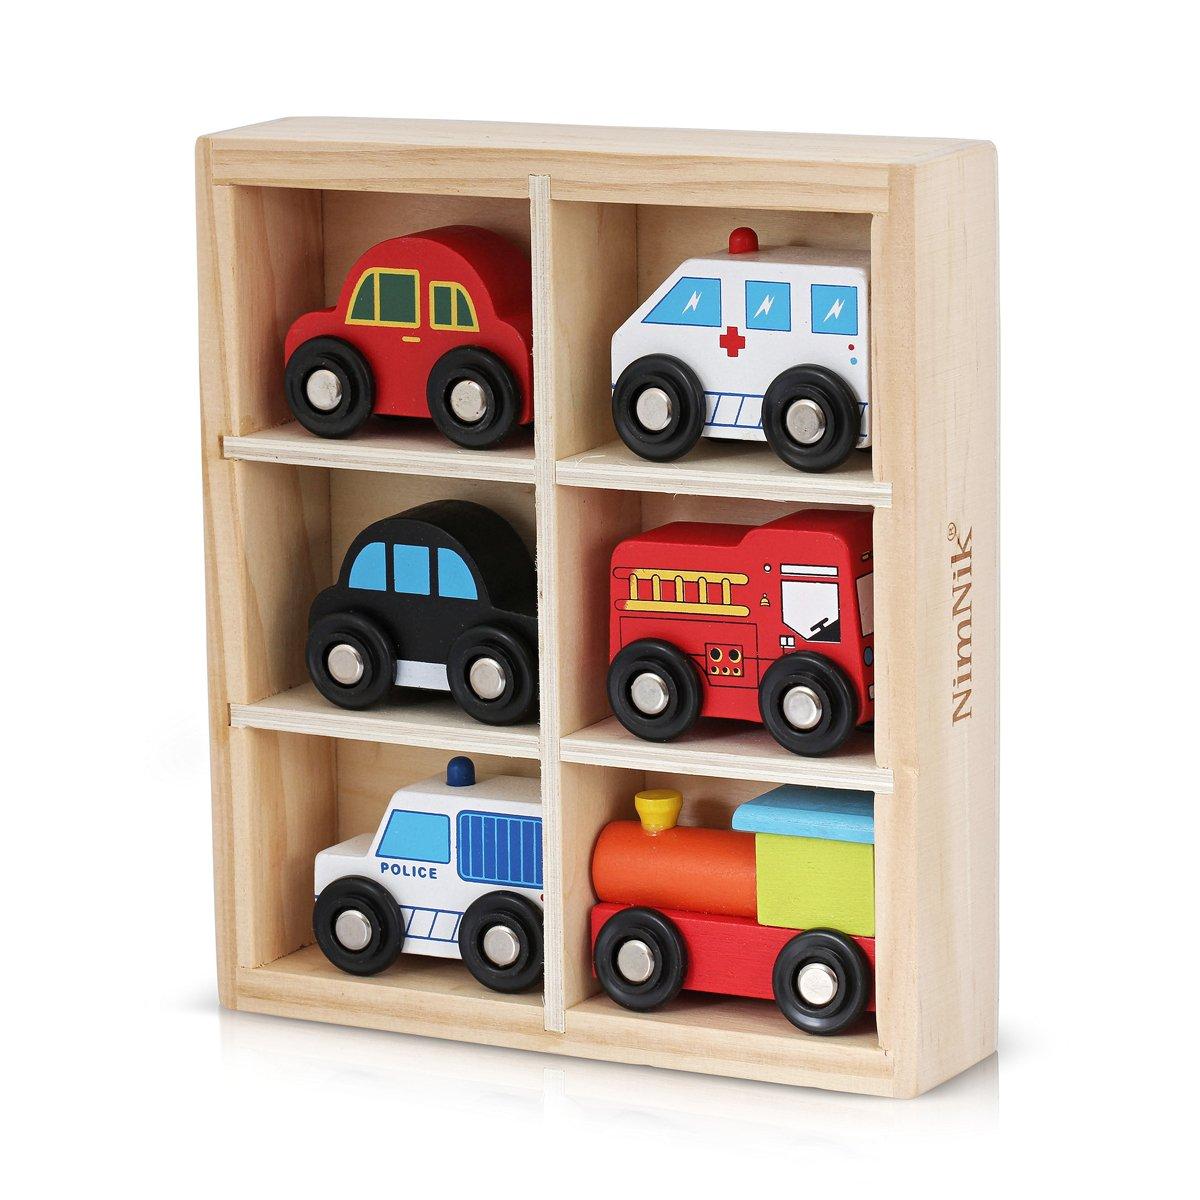 Juguetes de madera Auto Bus Engine Vehículos de emergencia Juguete educativo para